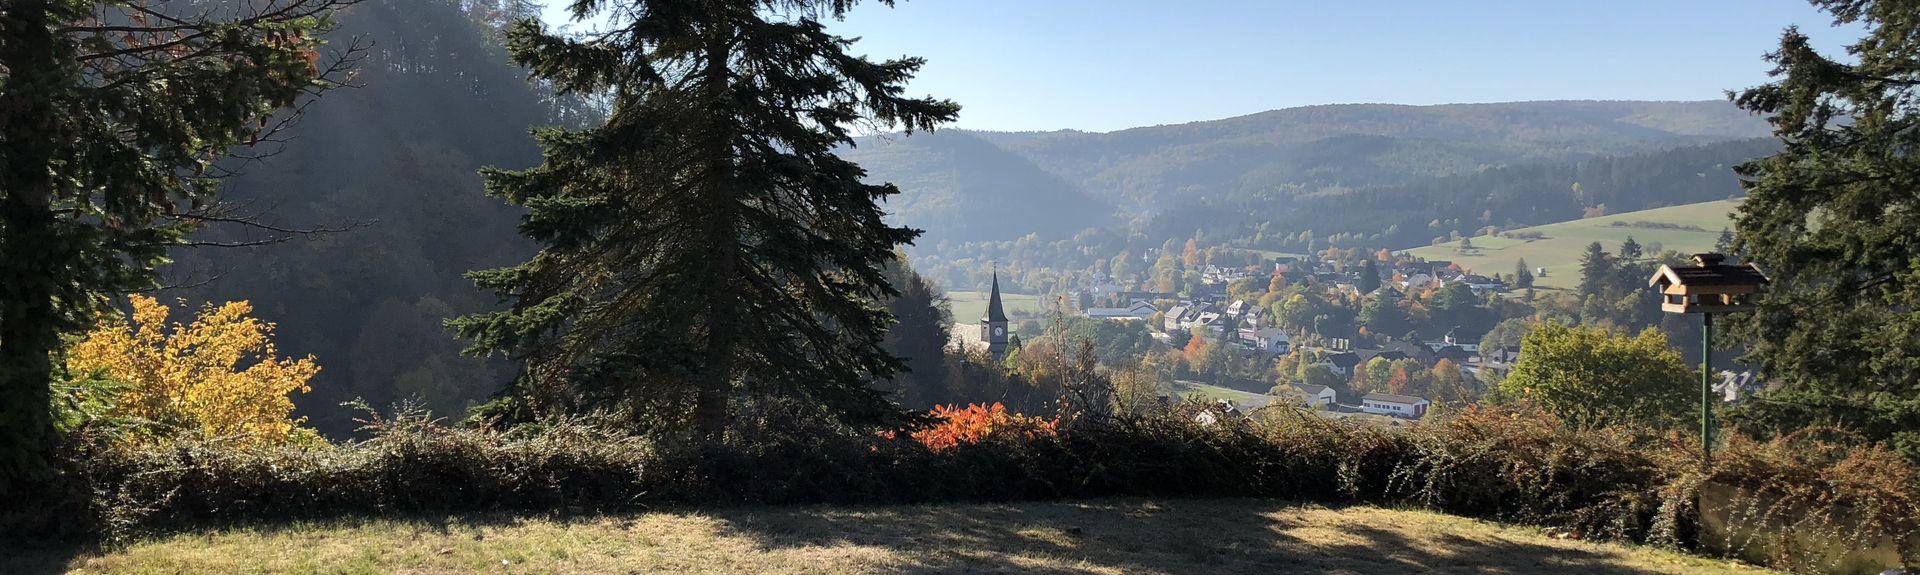 Hatzfeld, Germany